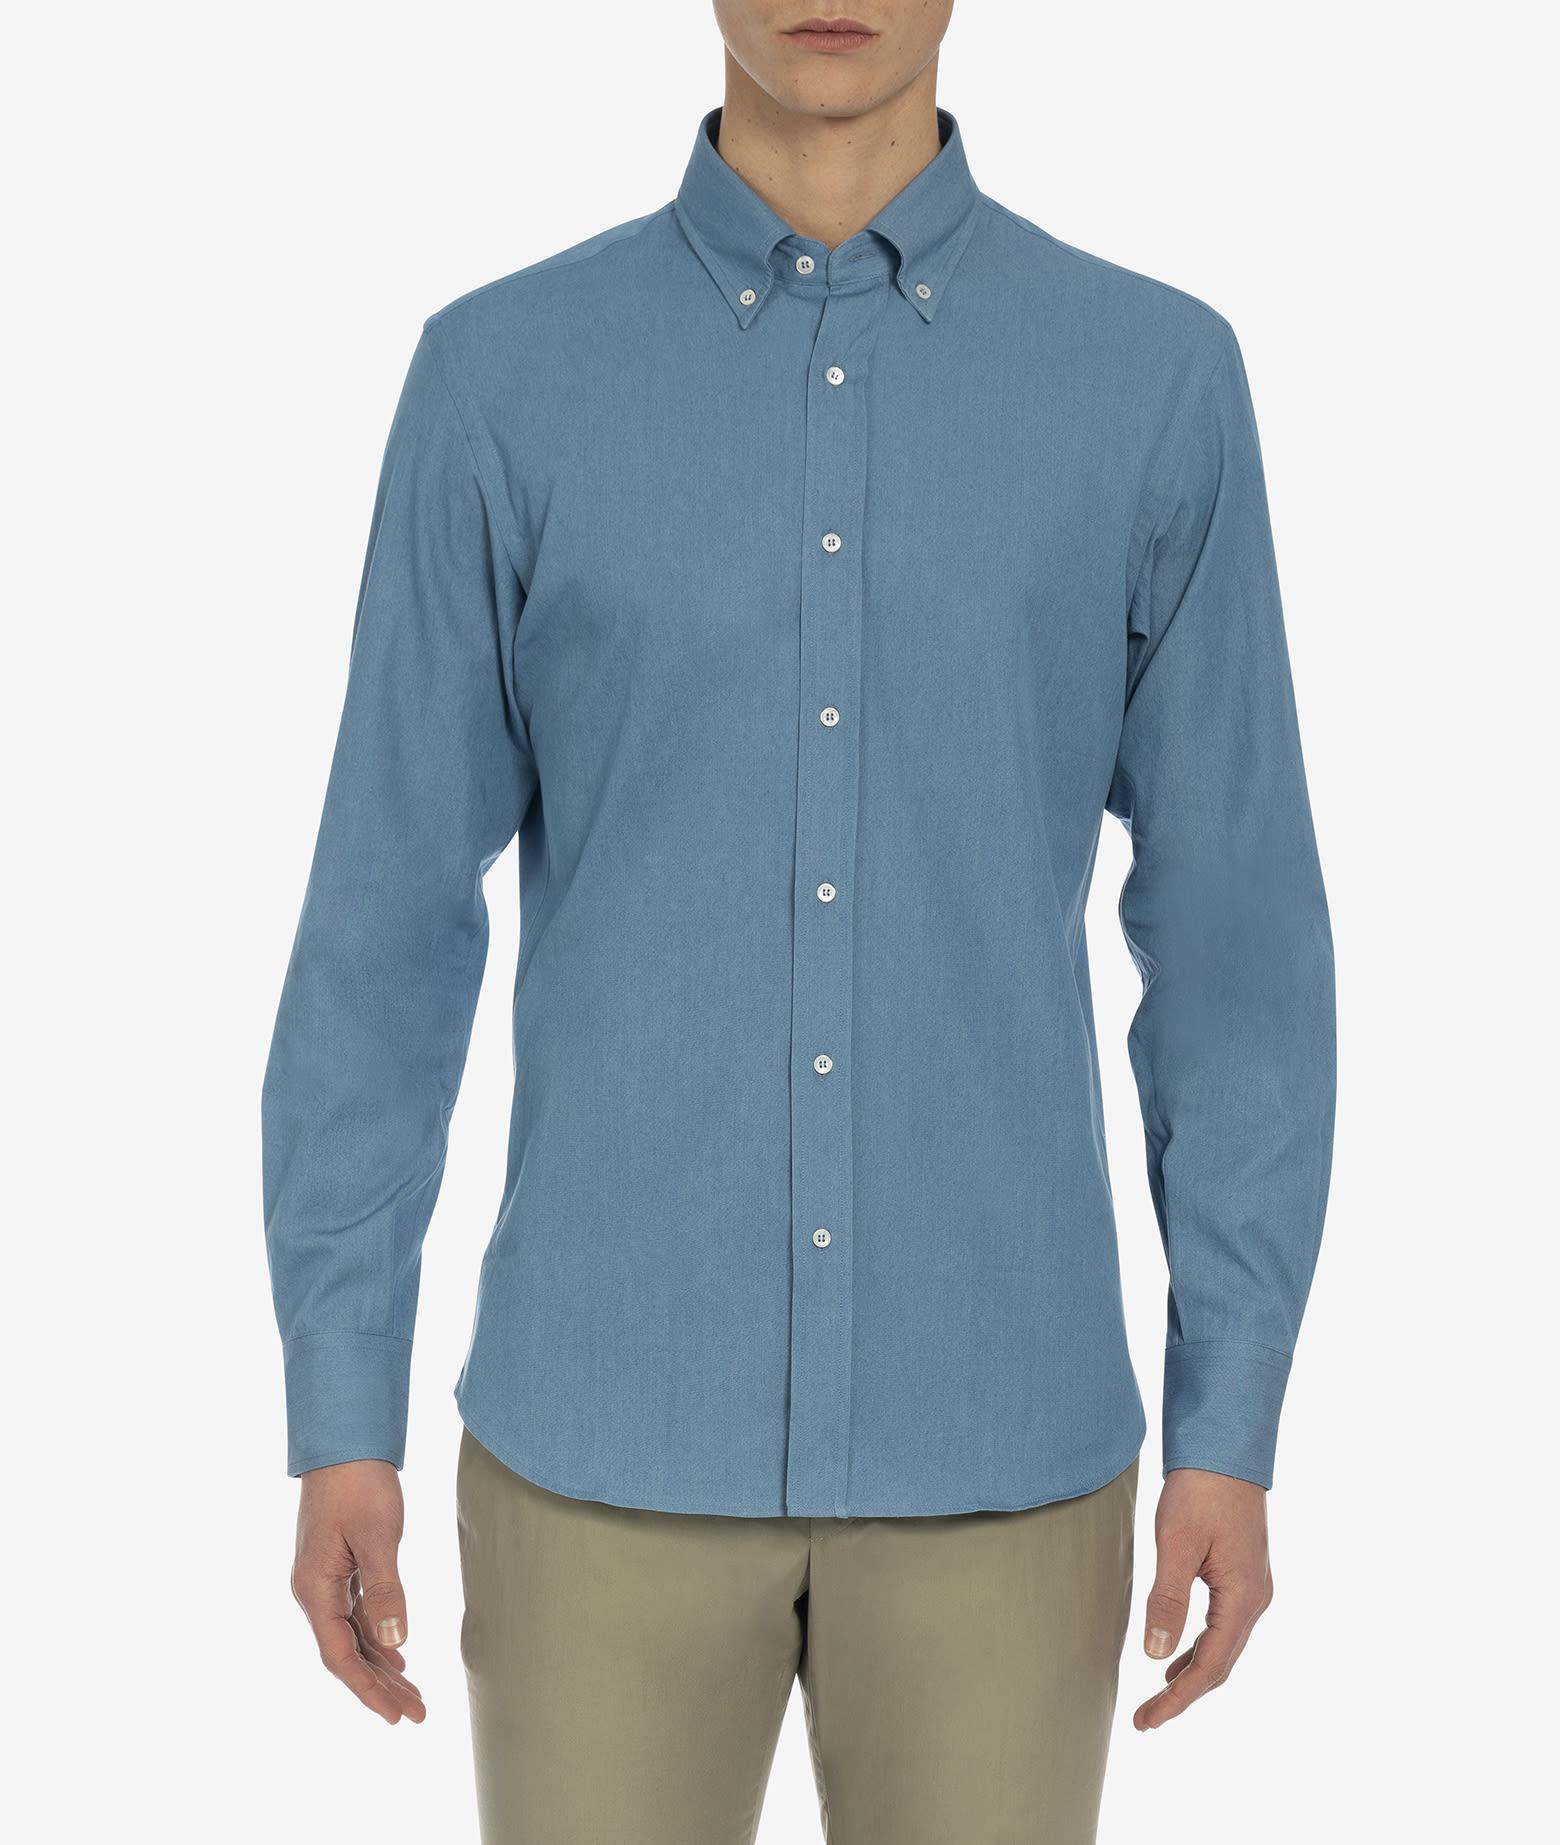 paul Newman Shirt